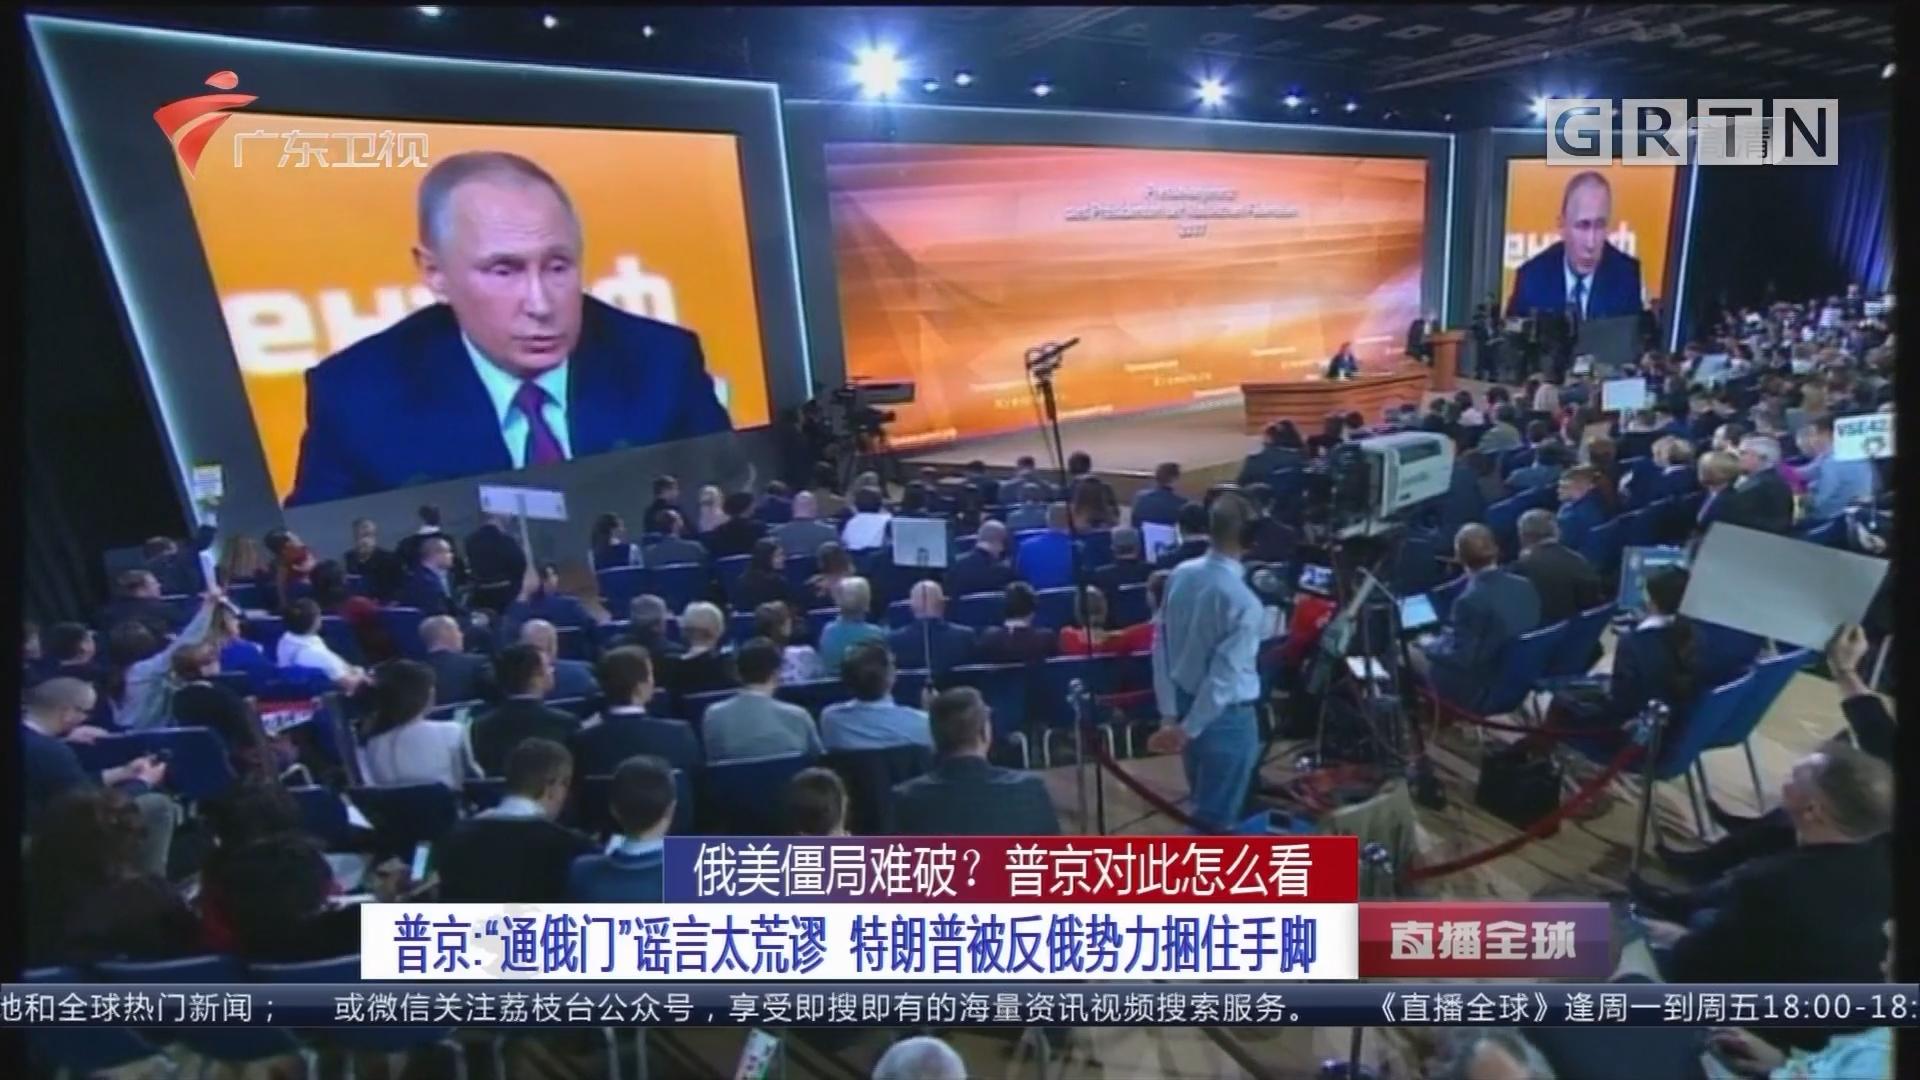 """俄美僵局难破? 普京对此怎么看 普京:""""通俄门""""谣言太荒谬 特朗普被反俄势力捆住手脚"""